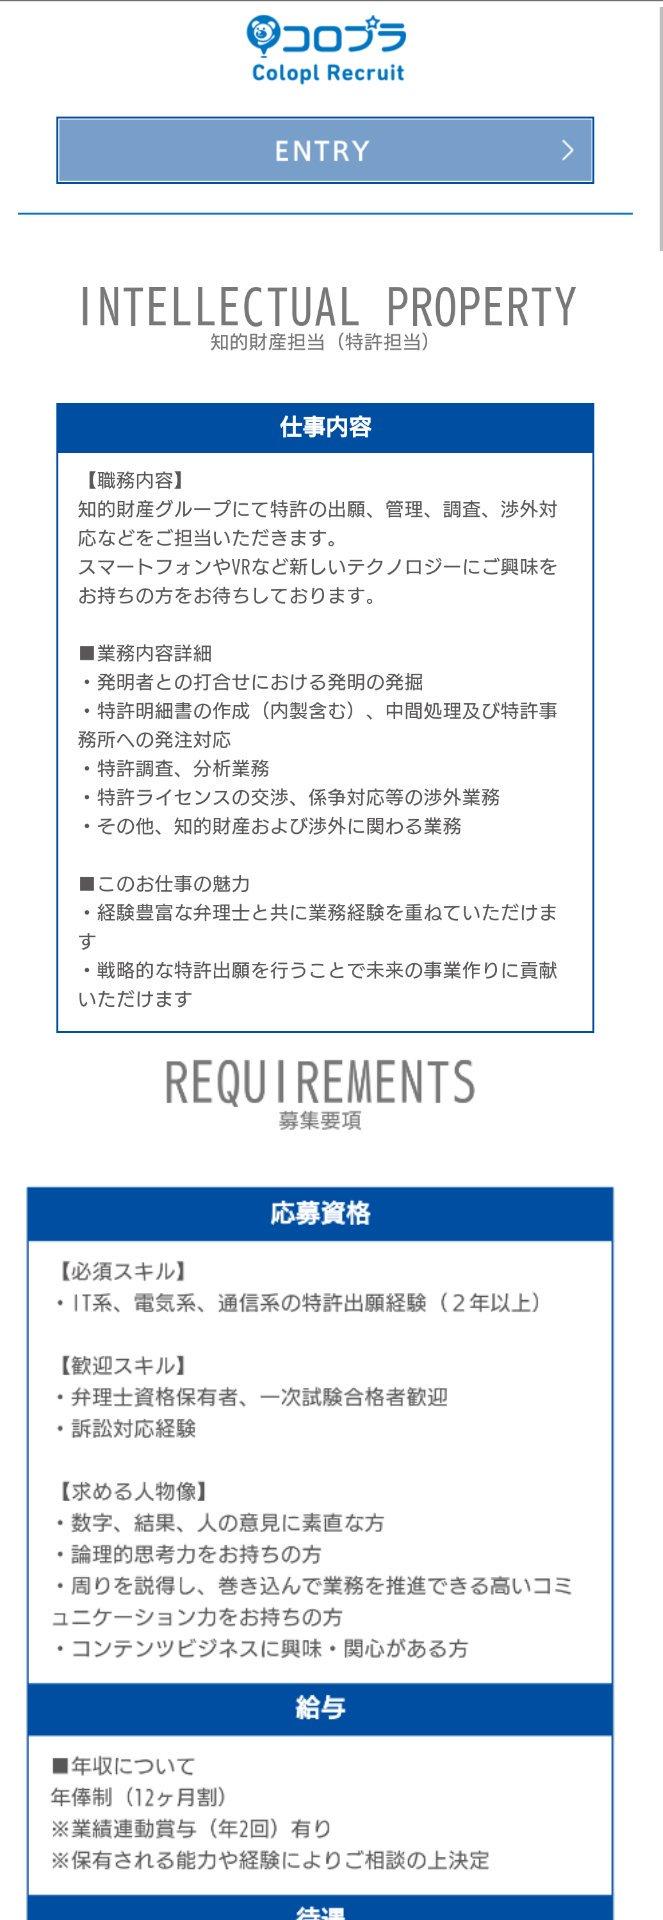 任天堂 コロプラ 訴訟 求人 対応に関連した画像-02